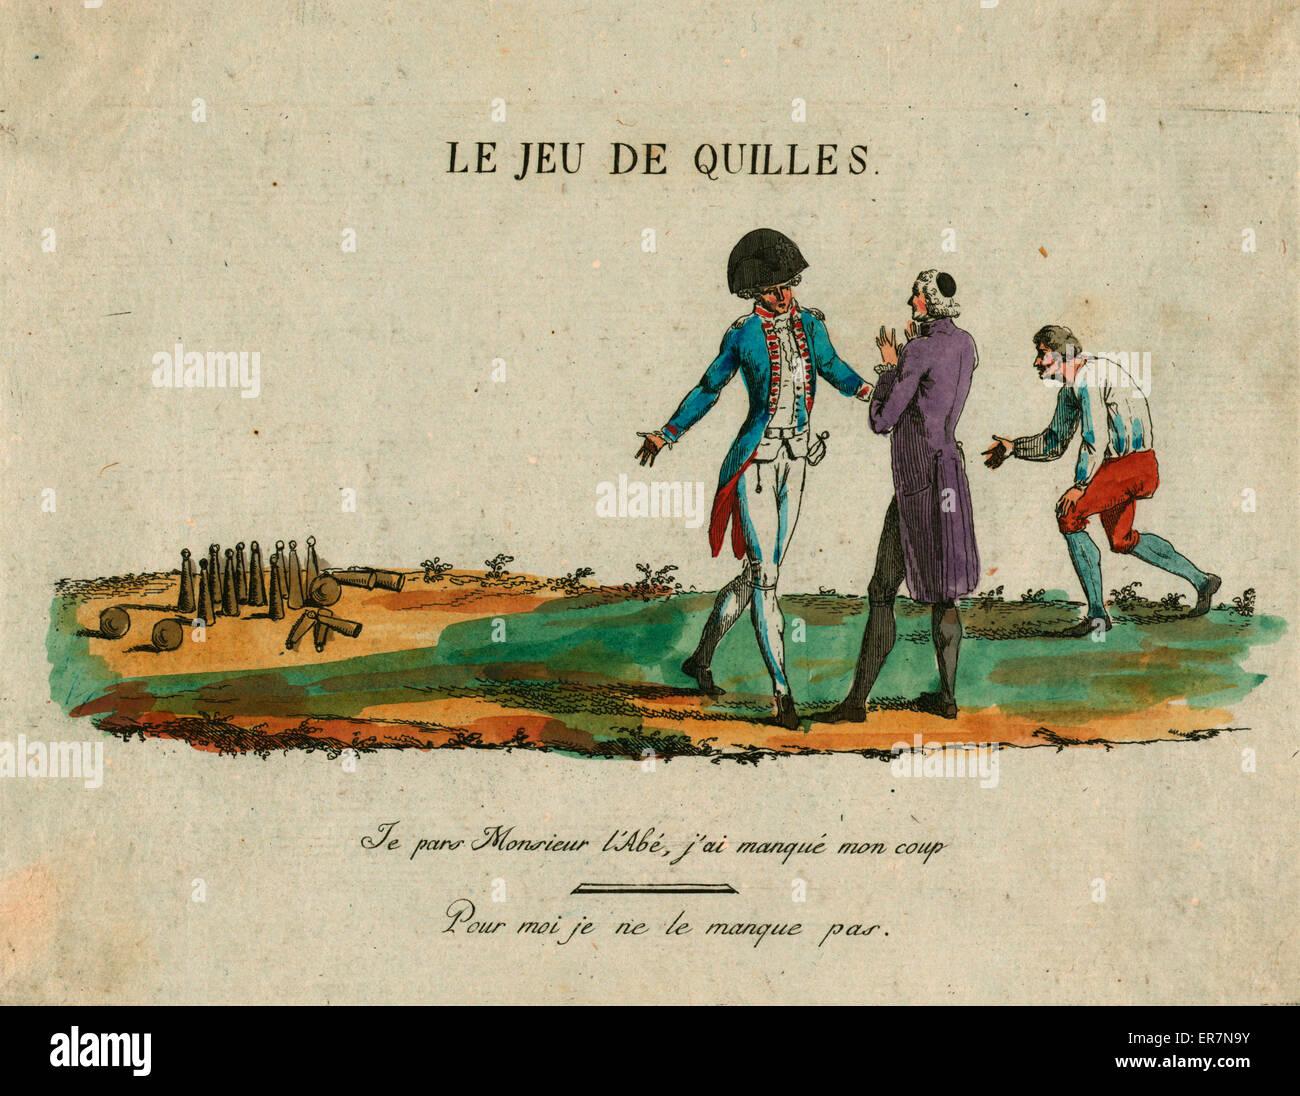 Le jeu de quilles. Stampa mostra un membro della nobiltà di lamentarsi per un membro del clero che rappresentano Immagini Stock